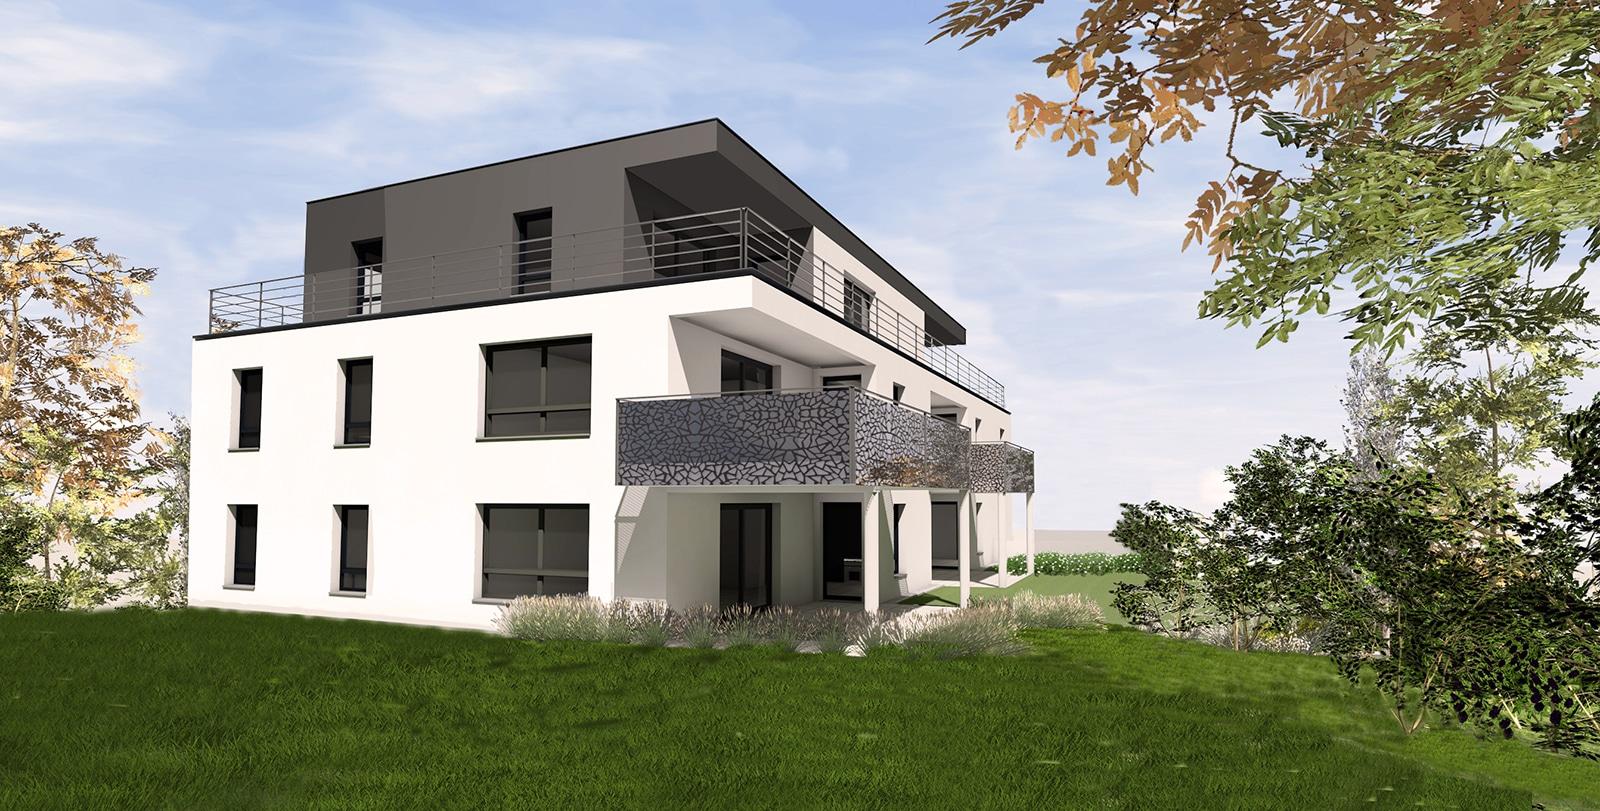 Avec Les Vergers à Bartenheim (68870), profitez d'appartements neufs du F2 au F5 prolongés de terrasses idéalement orientés avec vue sur les espaces verts.